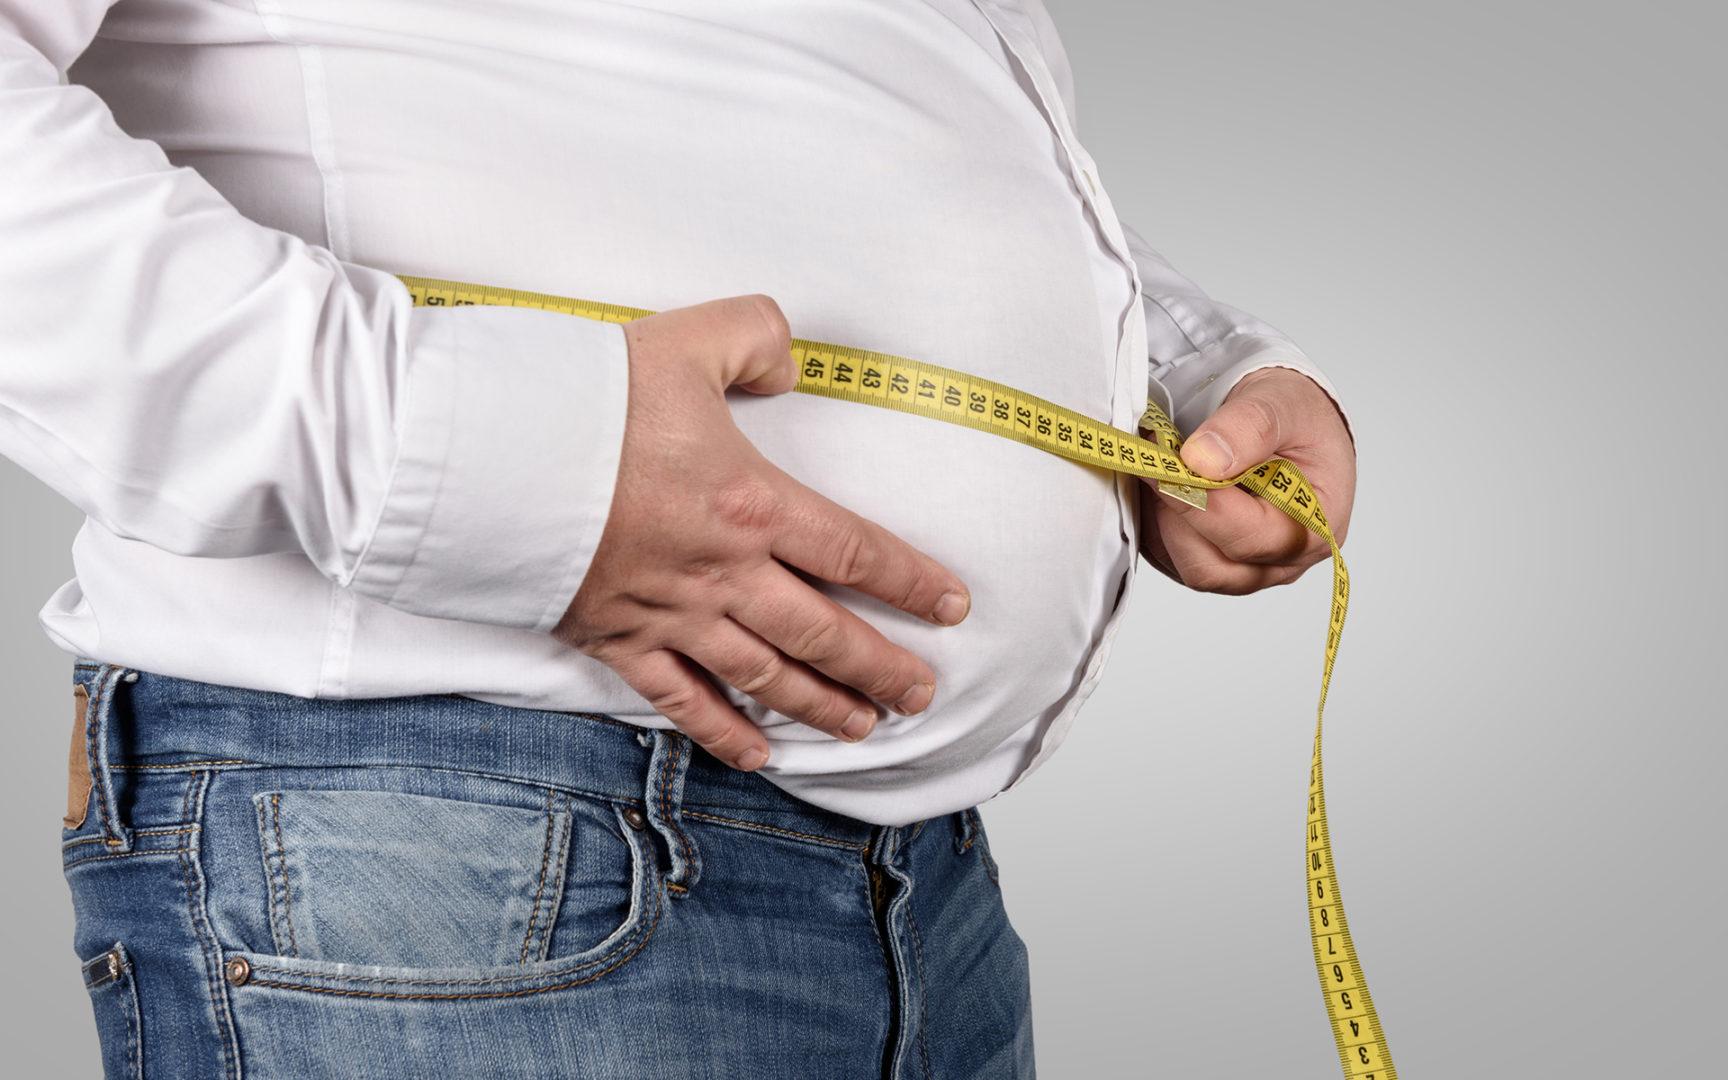 Miesten vaihdevuodet oireilevat monin tavoin. Myös keskivartalolihavuus vähentää testosteronin määrää.